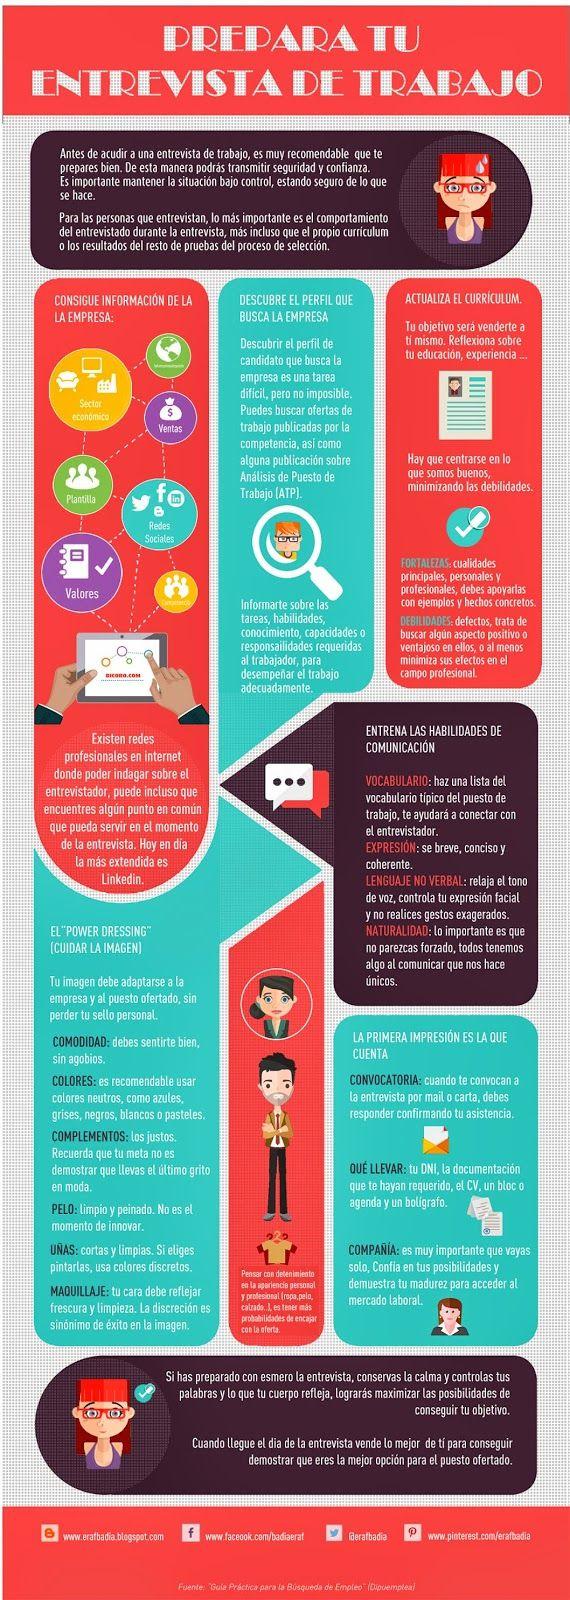 Cómo preparar una entrevista de trabajo #infografia #infographic #empleo vía @erafbadia